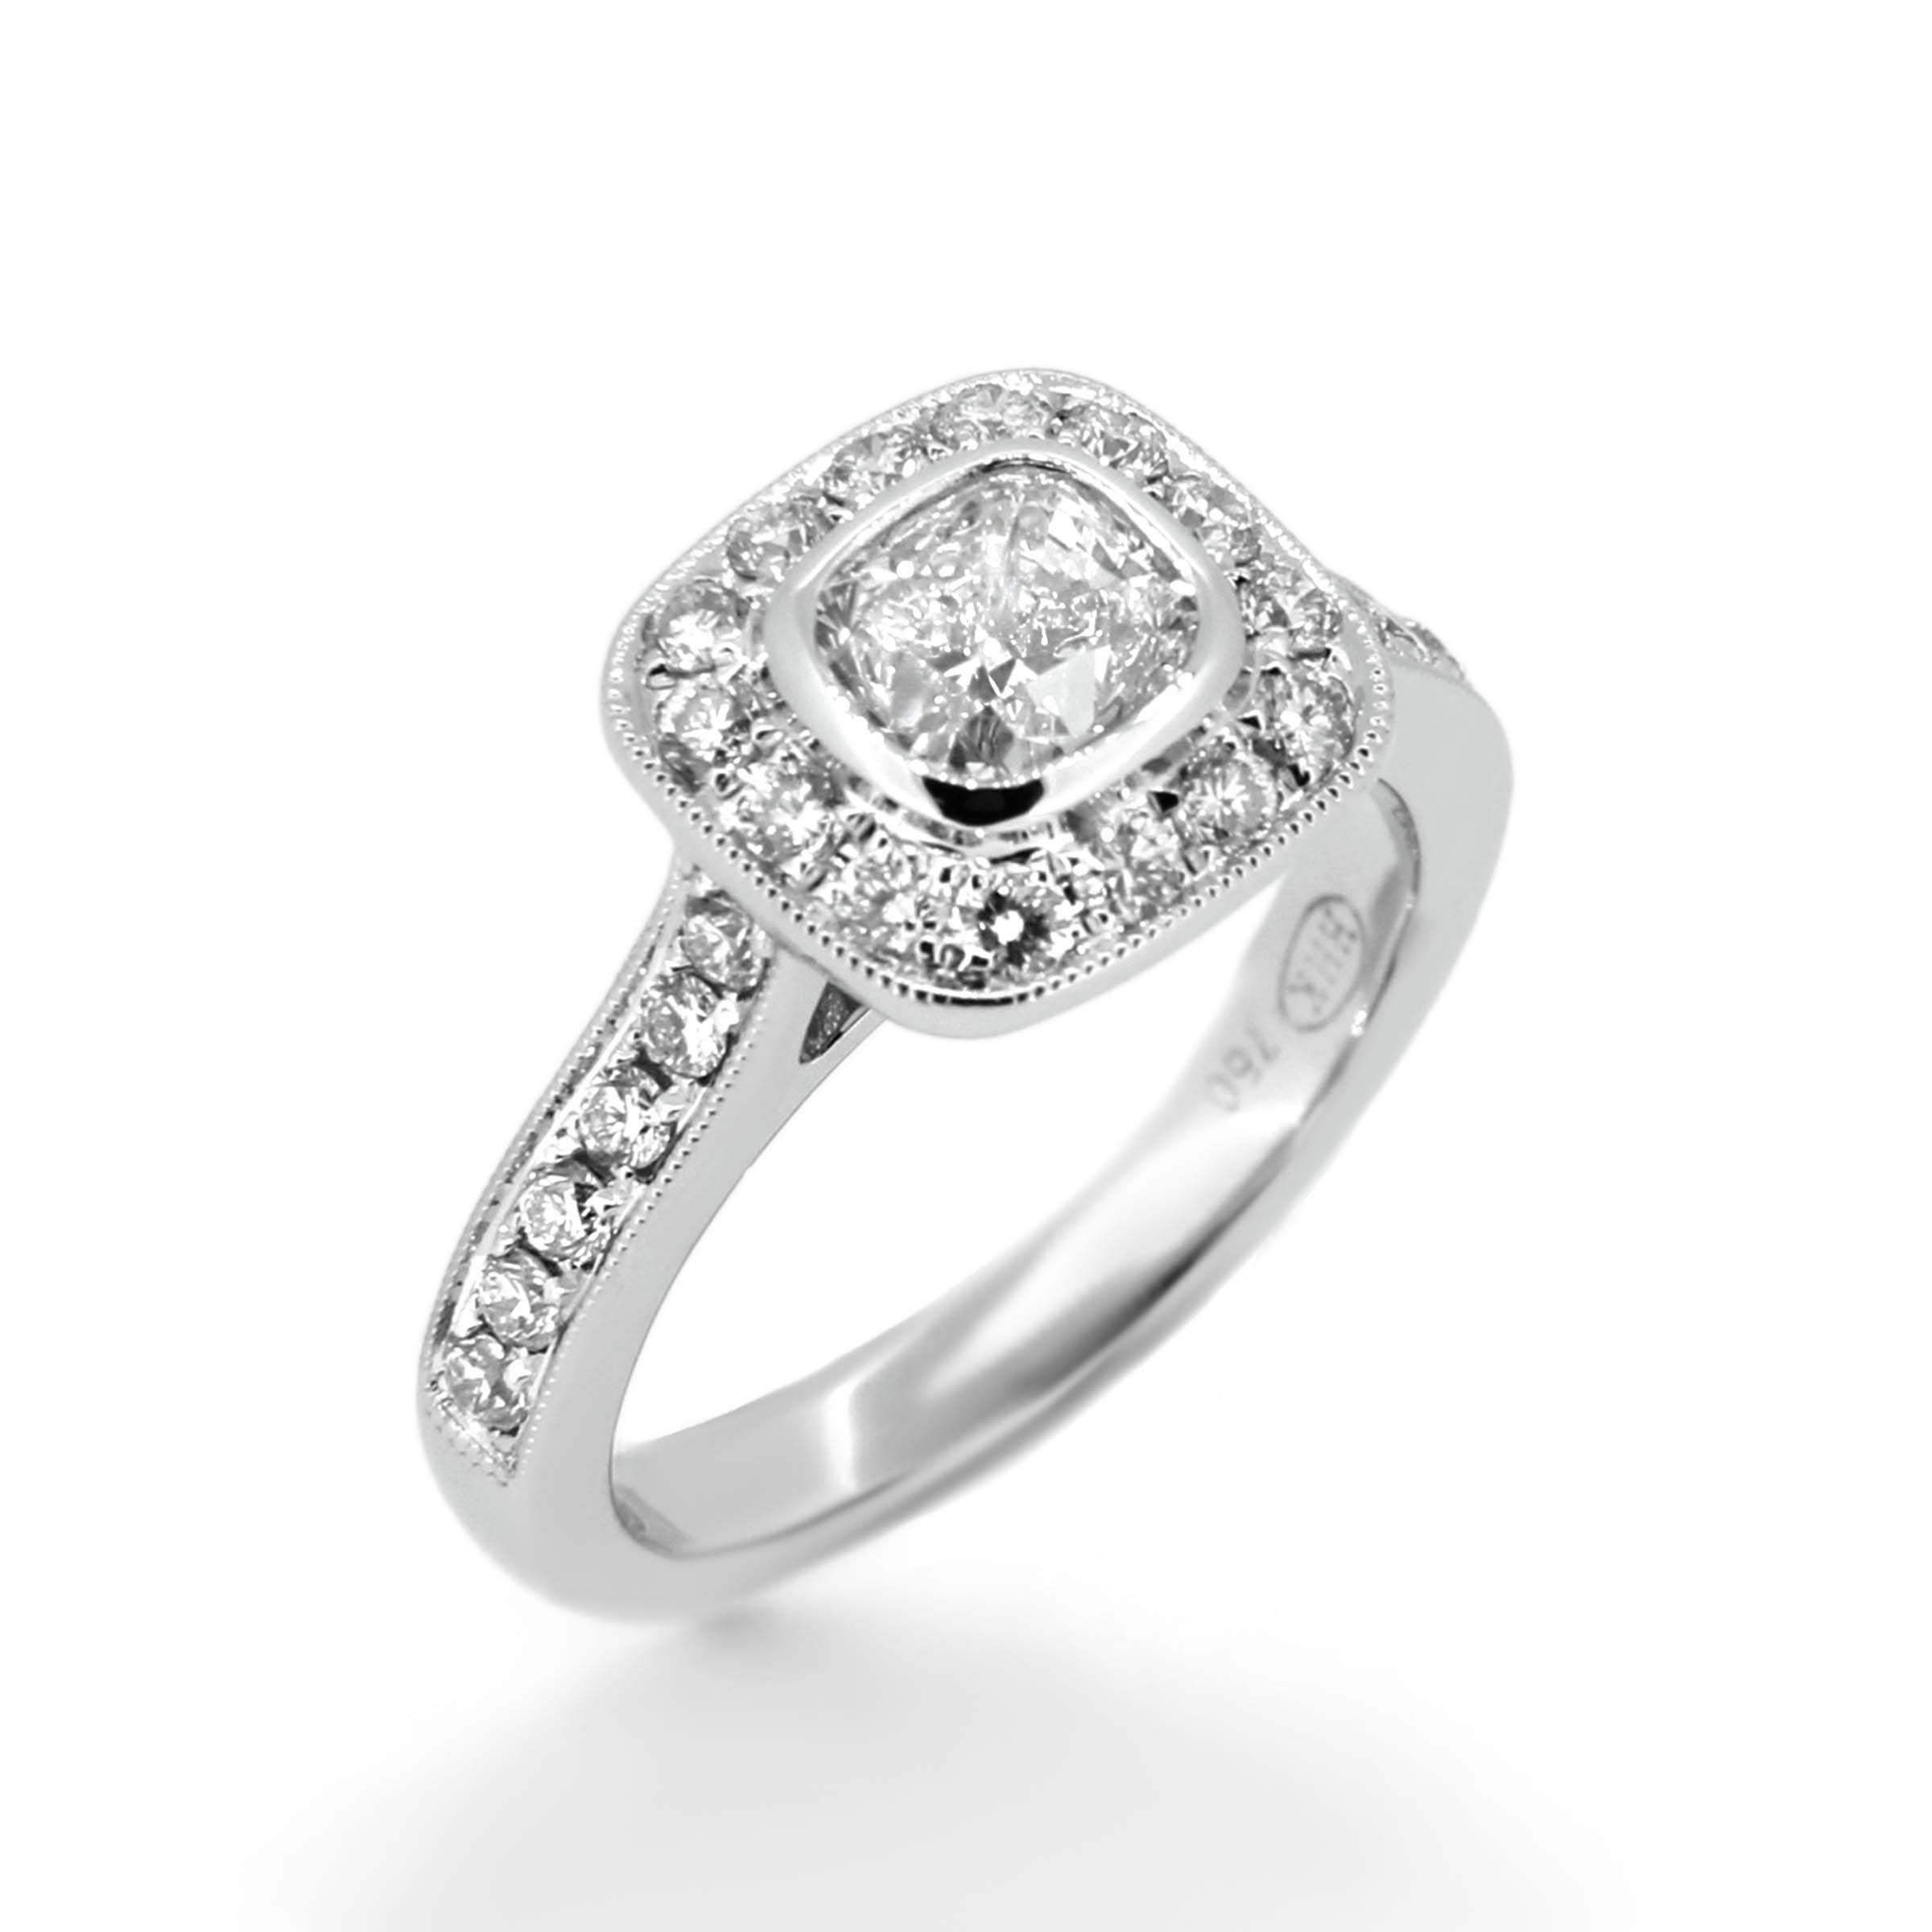 cushion cut diamond engagement ring- haywards of hong kong